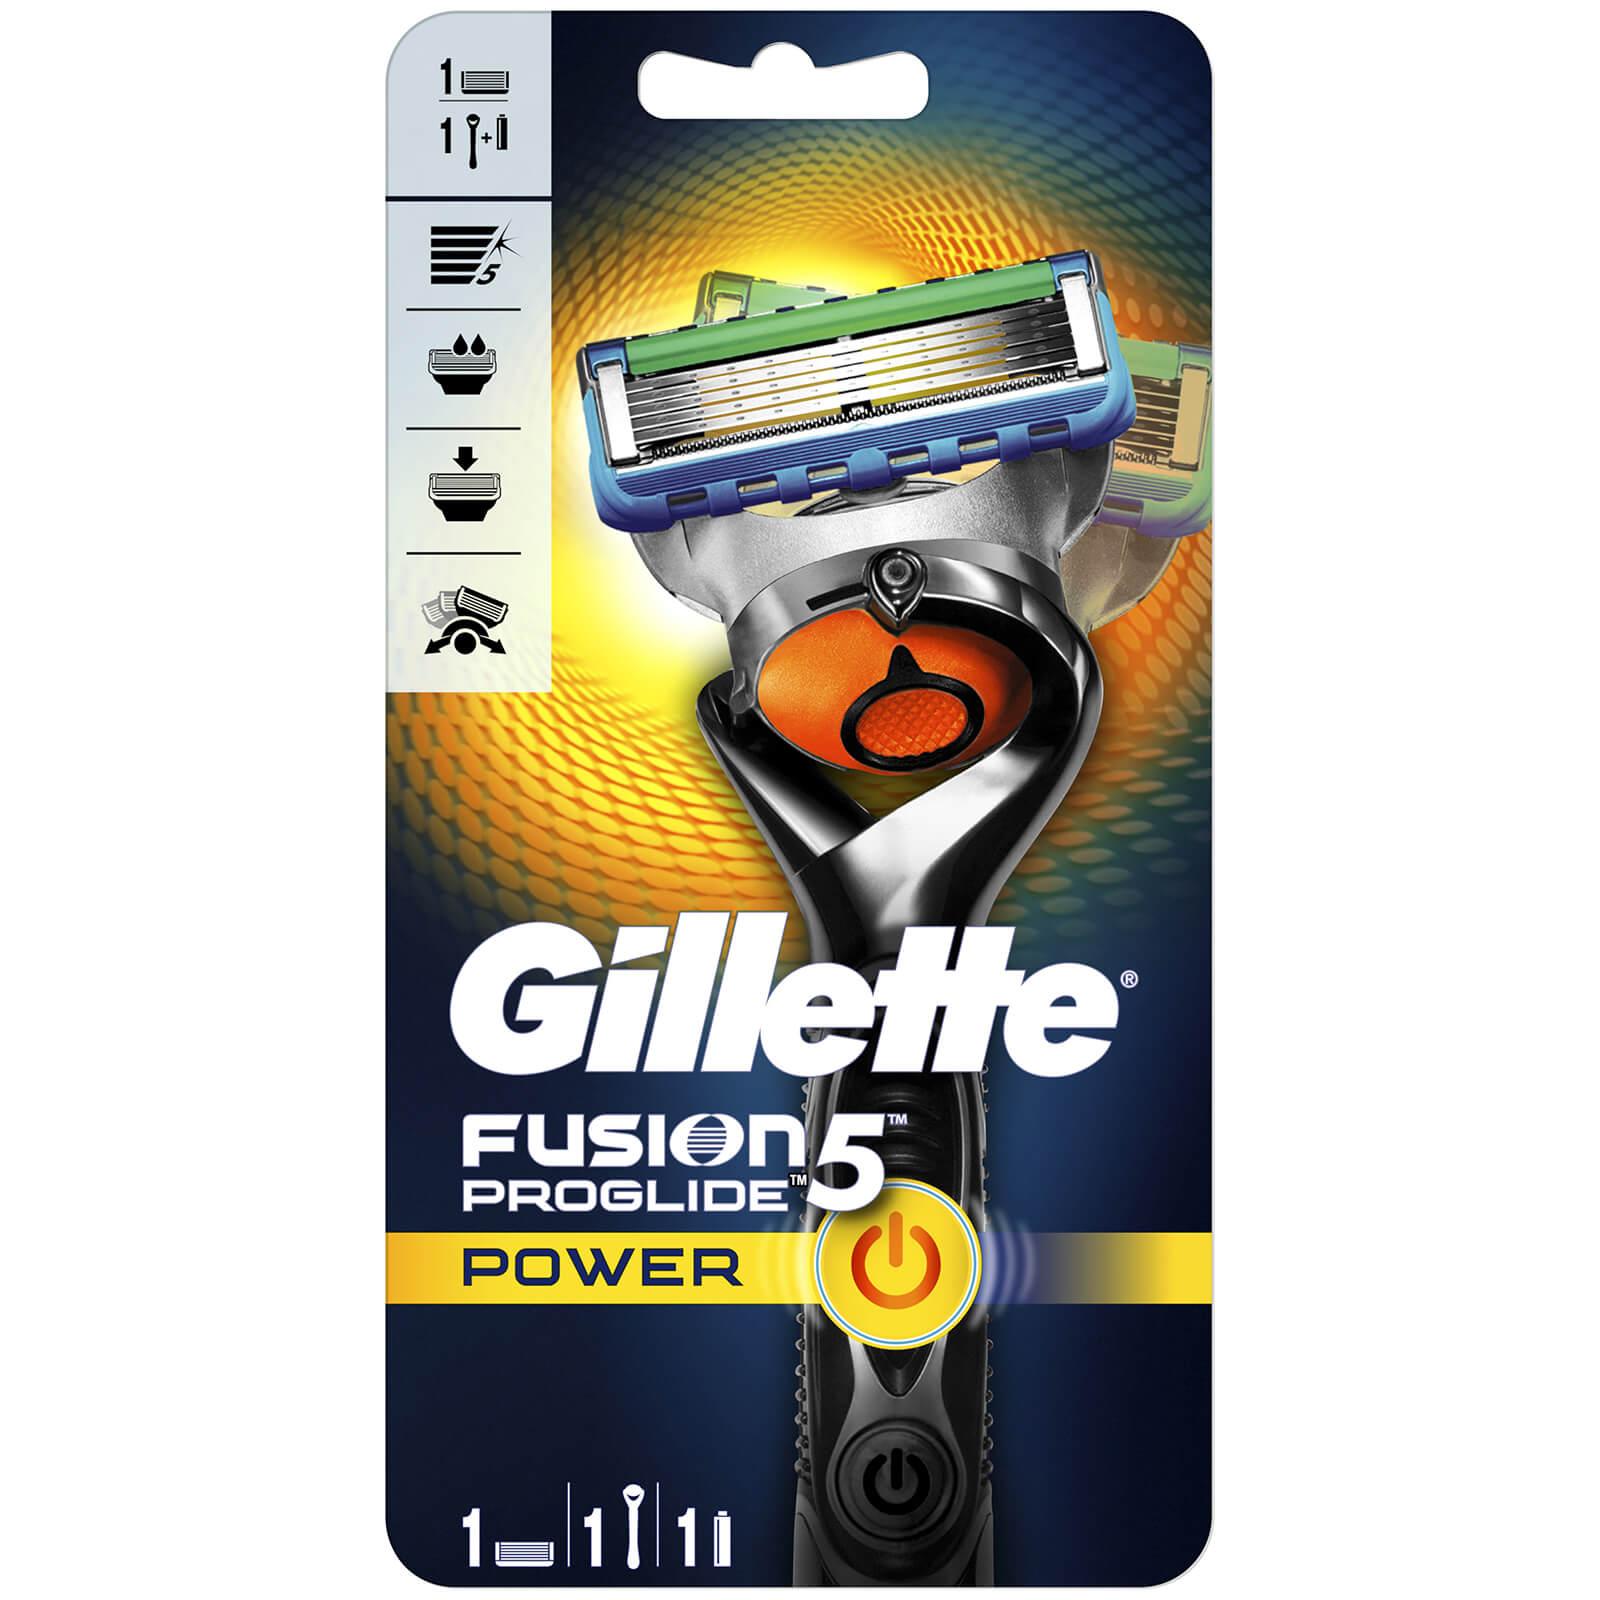 Gillette fusion 5 proglide power - £4.50 instore @ Wilko, West Yorkshire